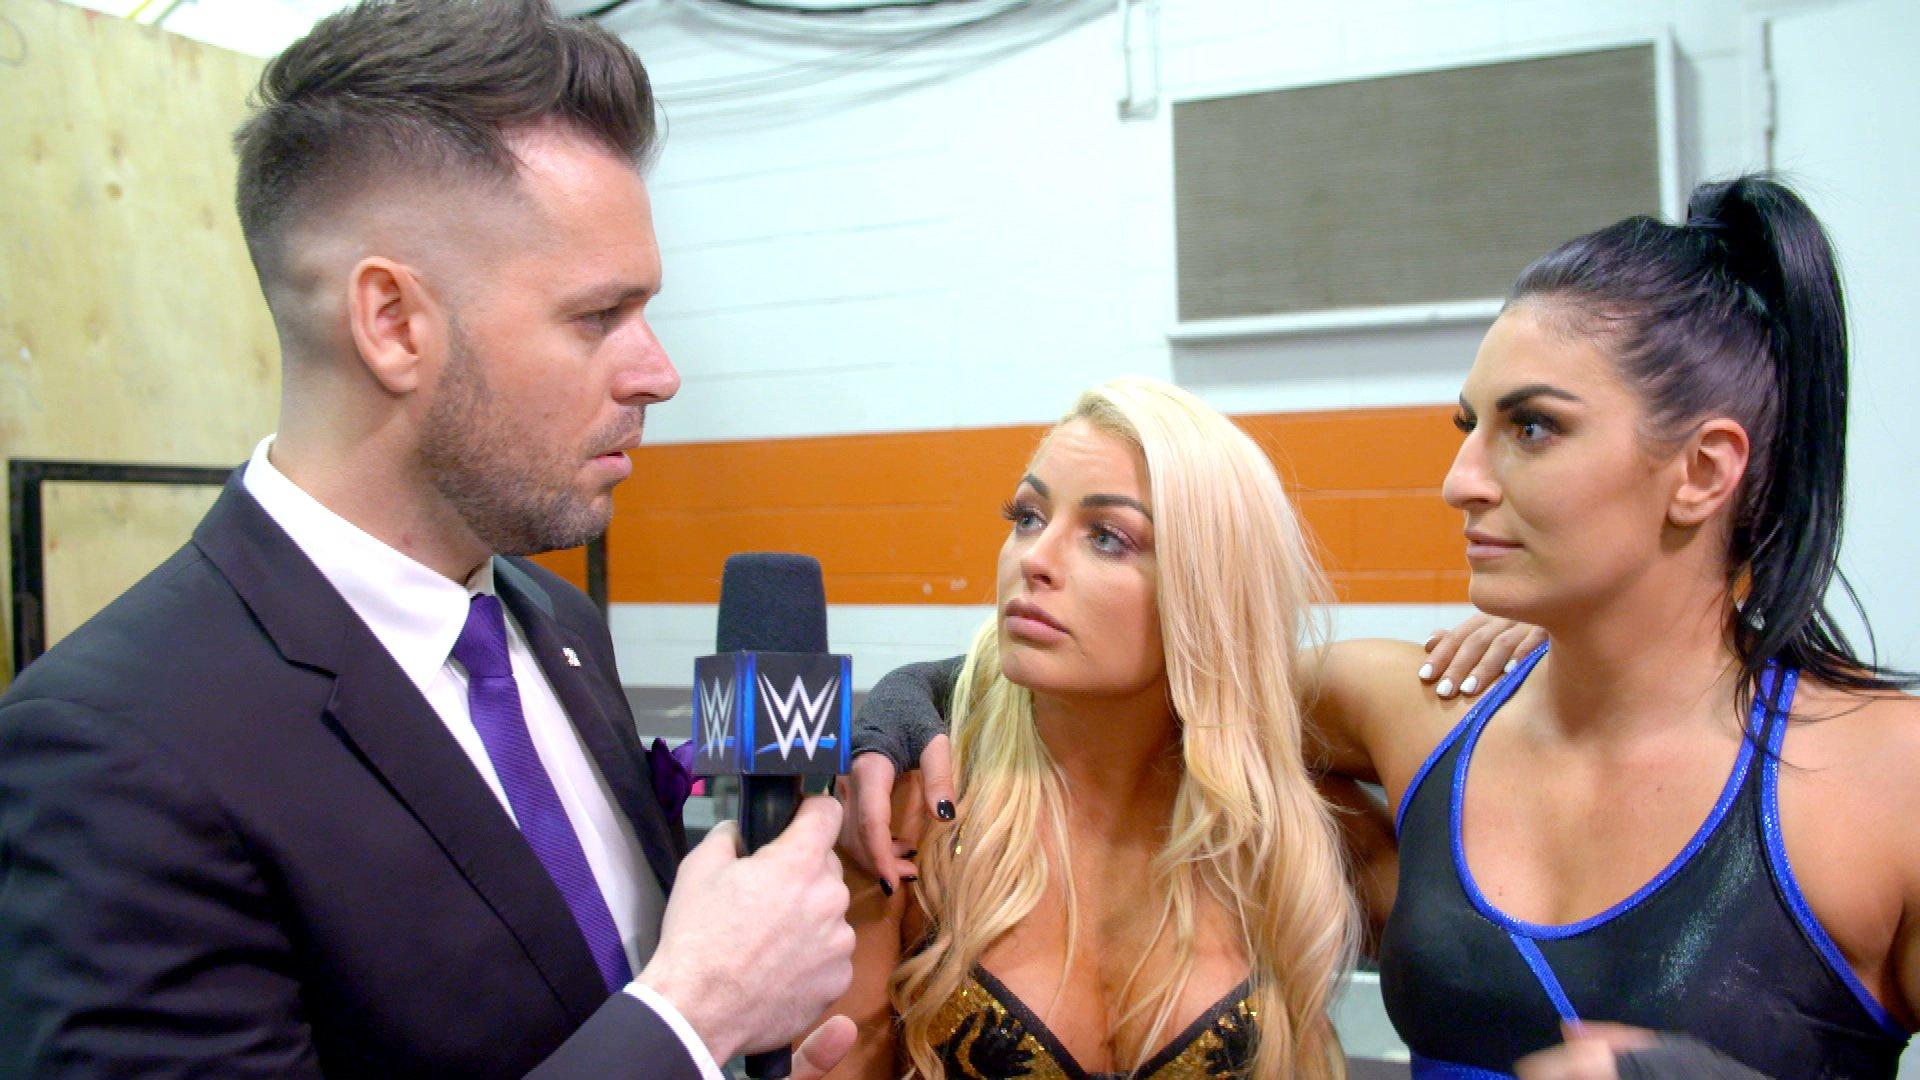 Pourquoi Mandy Rose & Sonya Deville ont une victoire en demi-teinte?: Exclusivité WWE.fr, 4 Décembre 2018